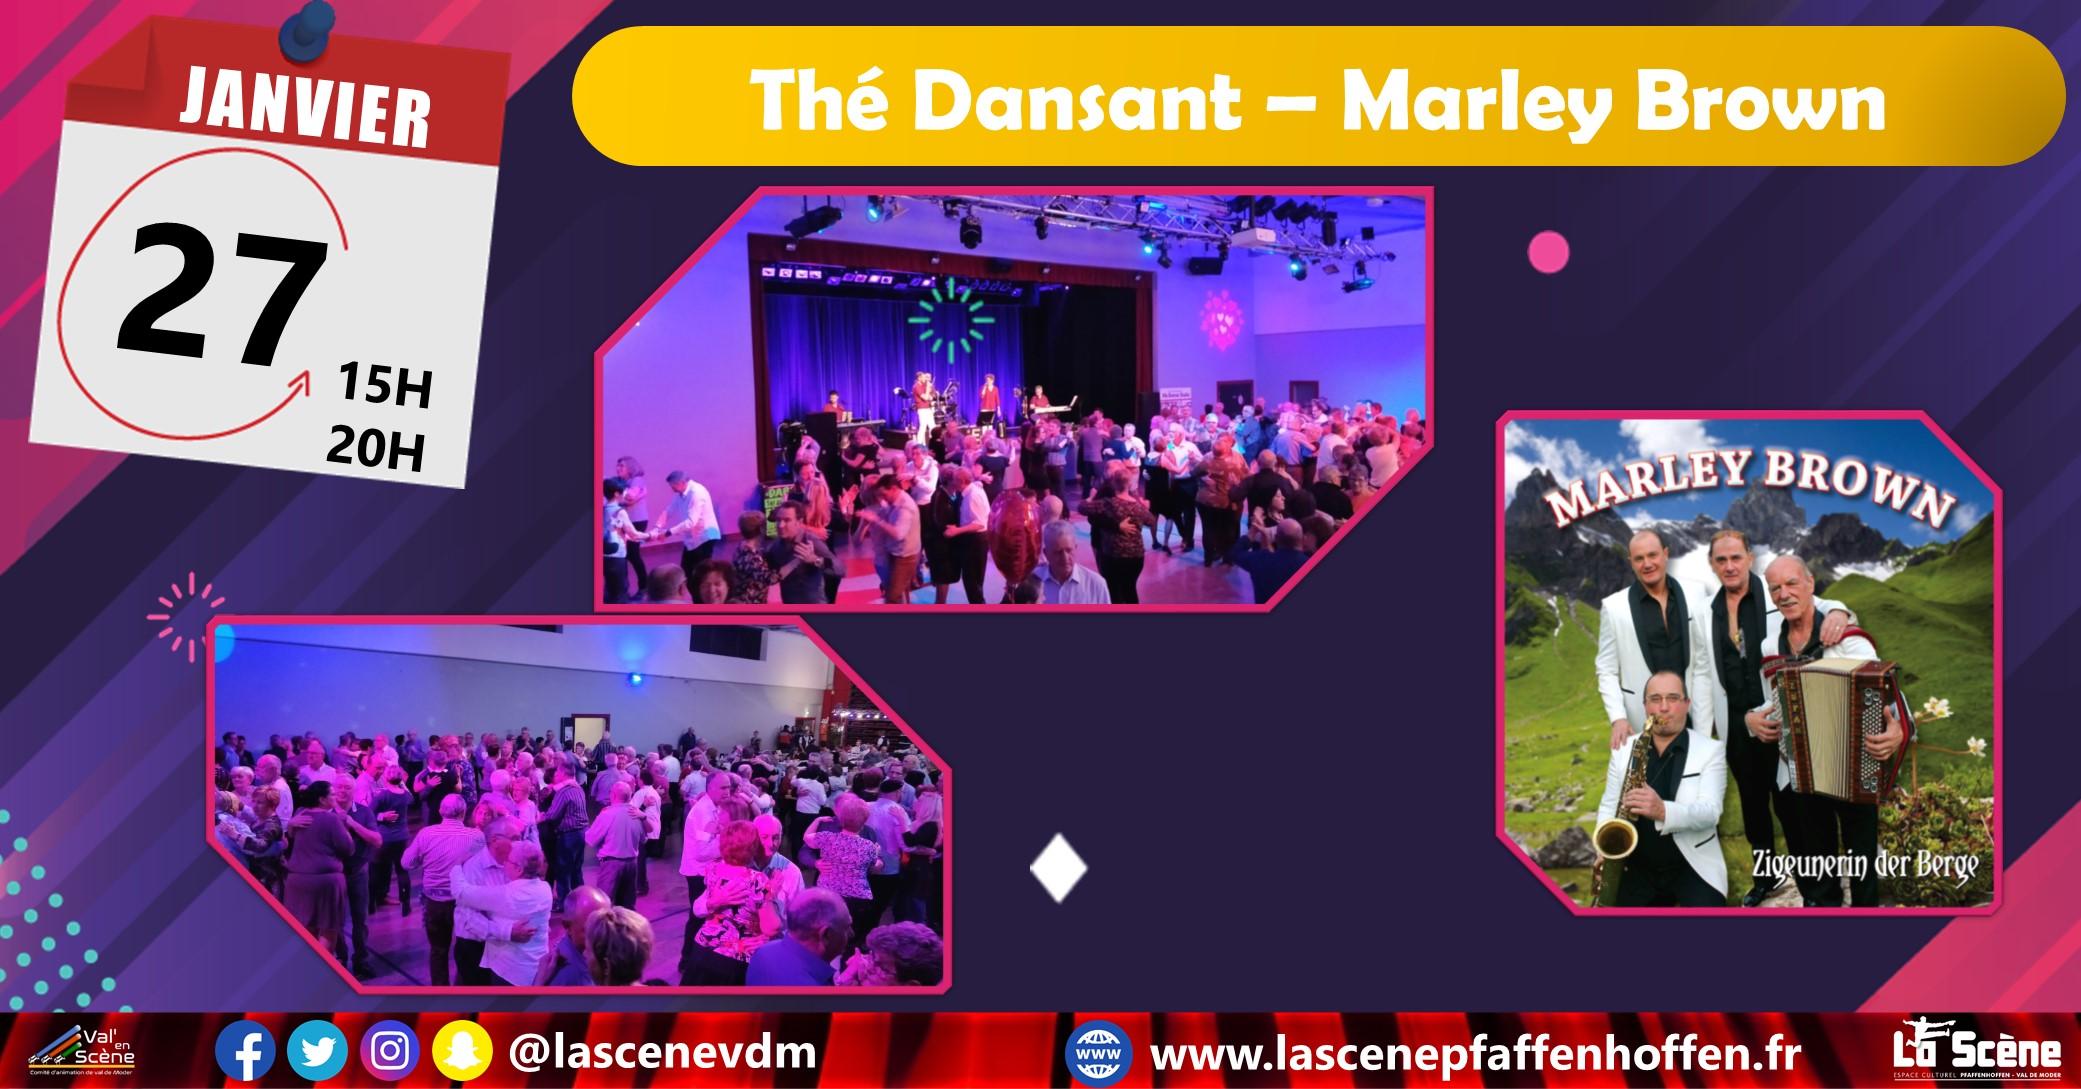 Thé Dansant – Marley Brown